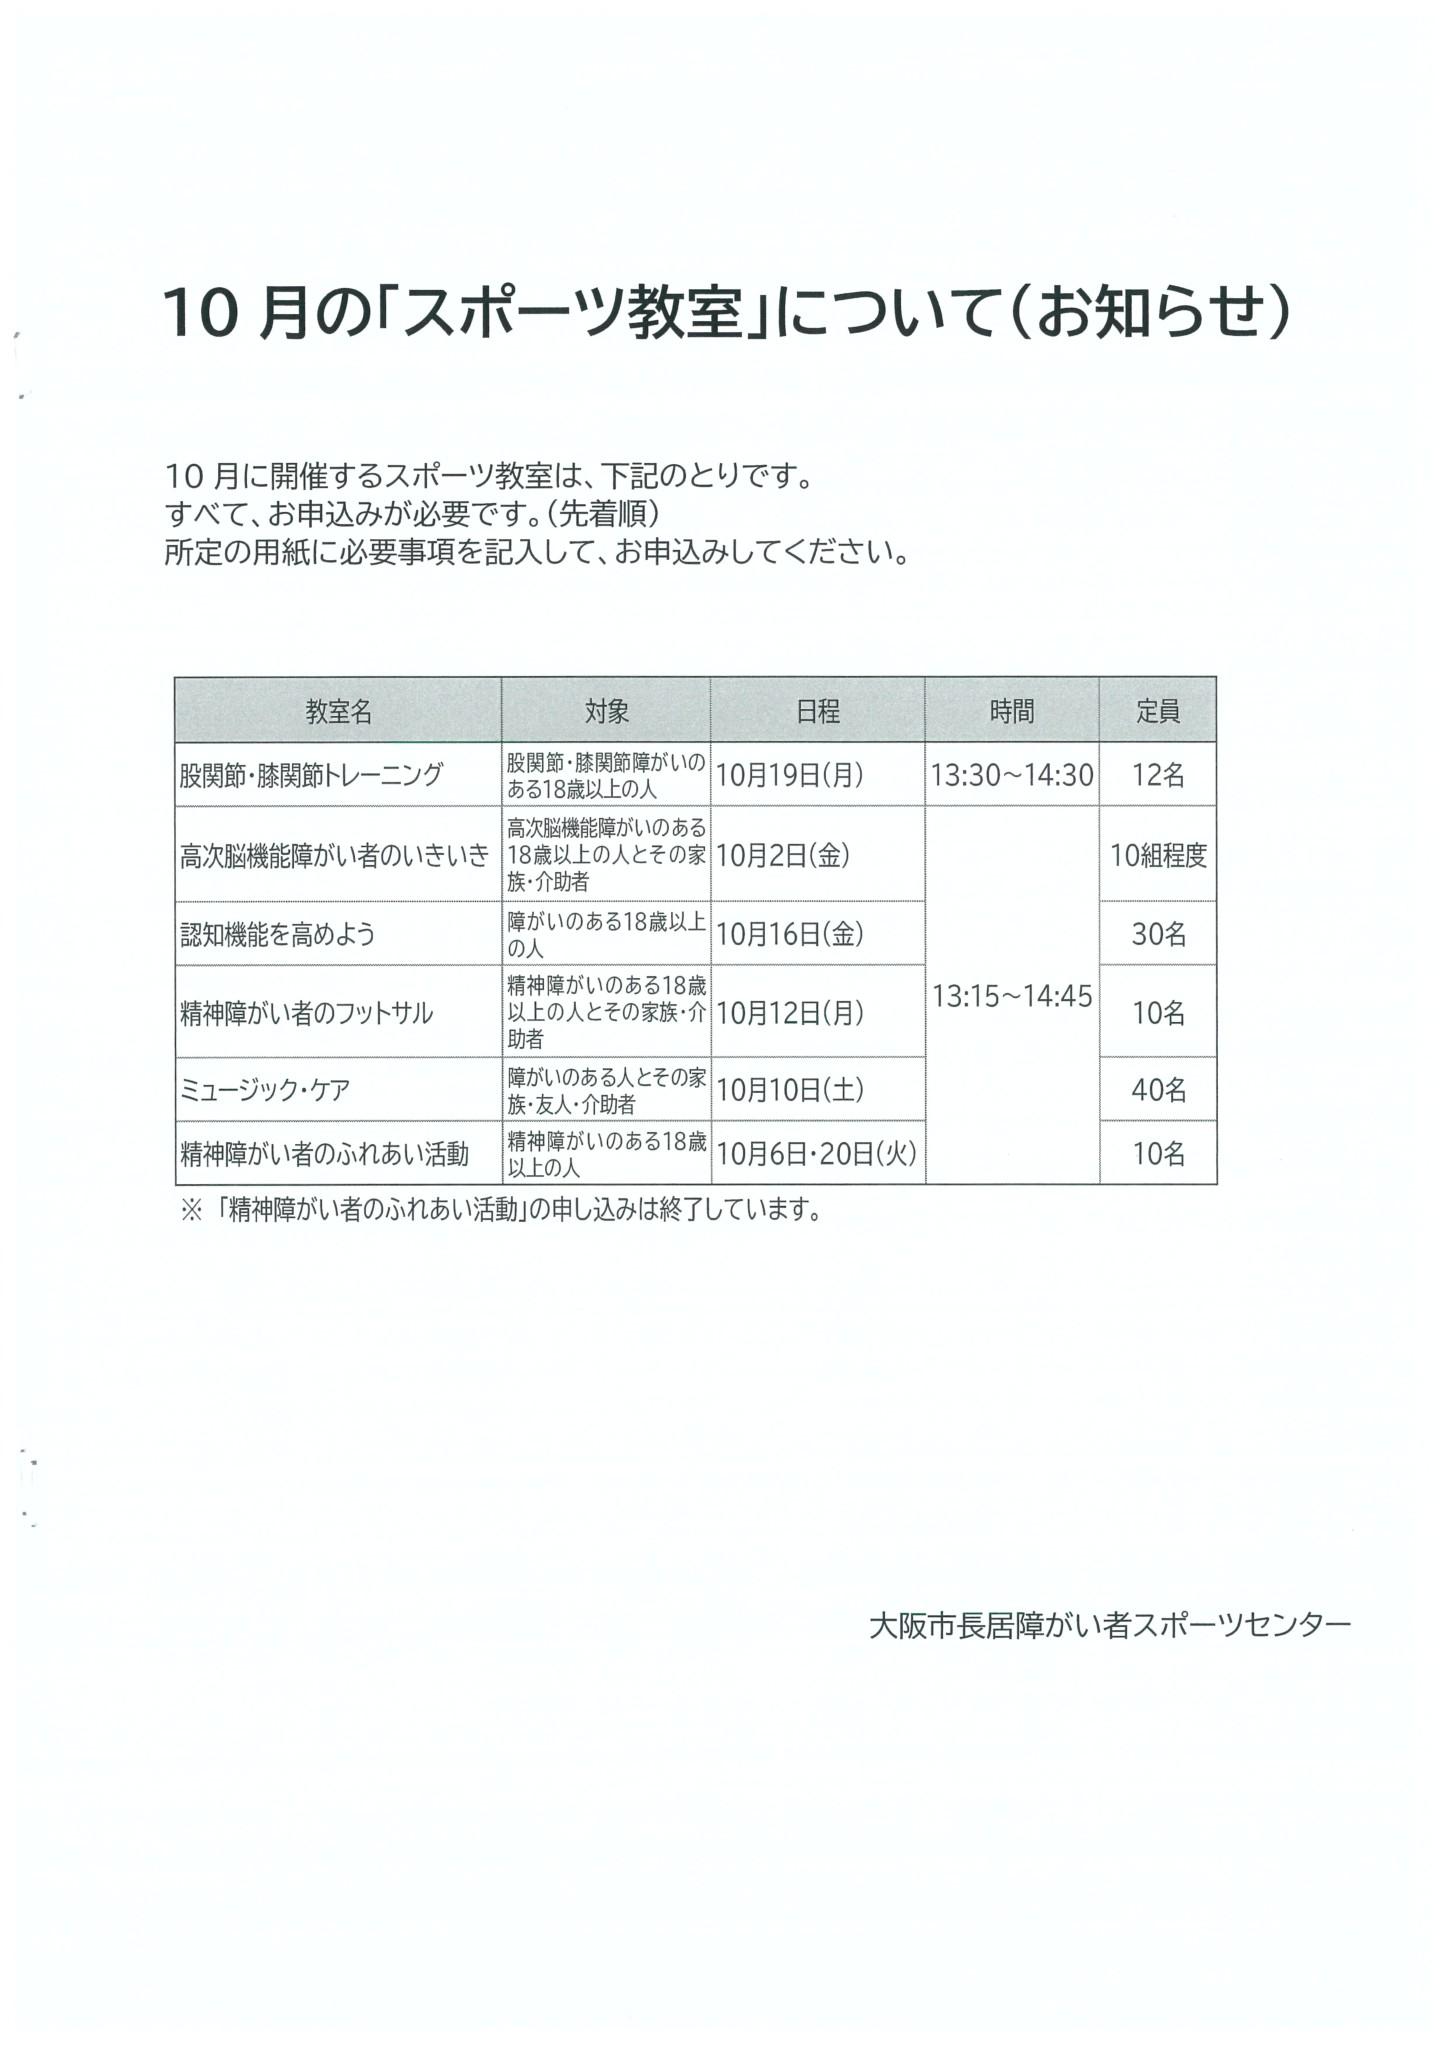 10月教室(お知らせ)